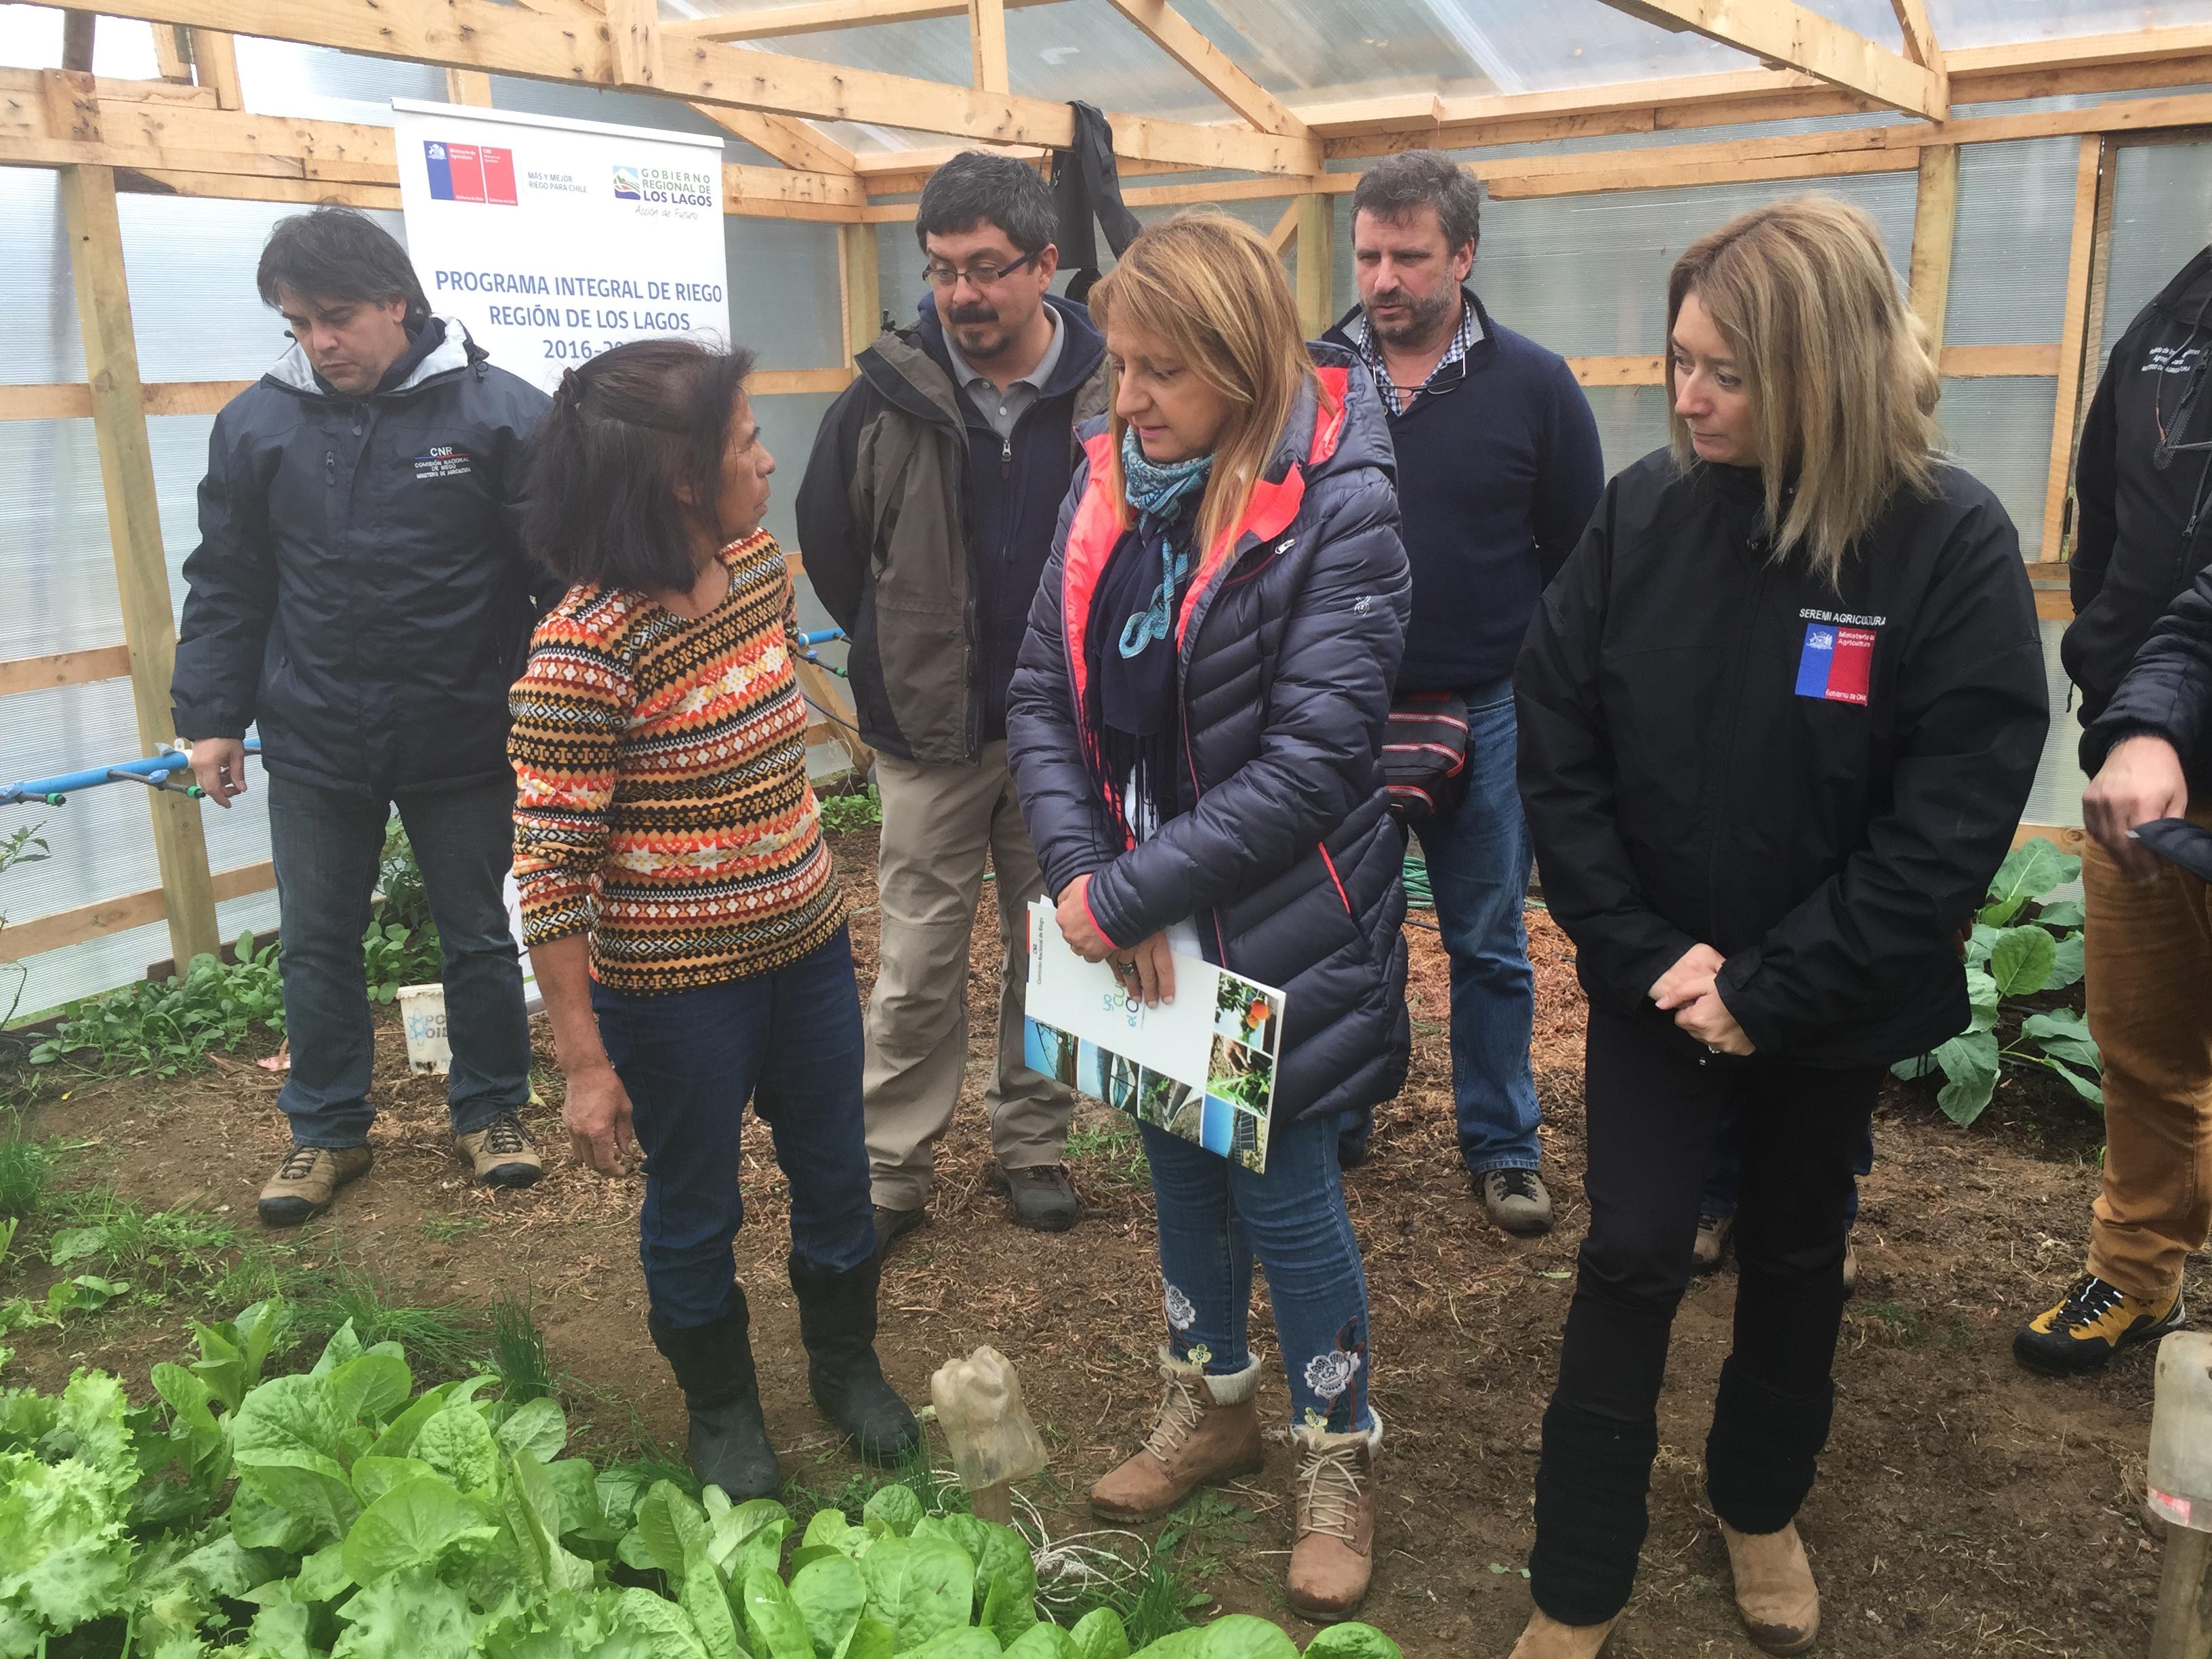 Secretaria Ejecutiva de la CNR recorre proyectos integrales de cosecha de aguas lluvias en comunas de Purranque y Río Negro4